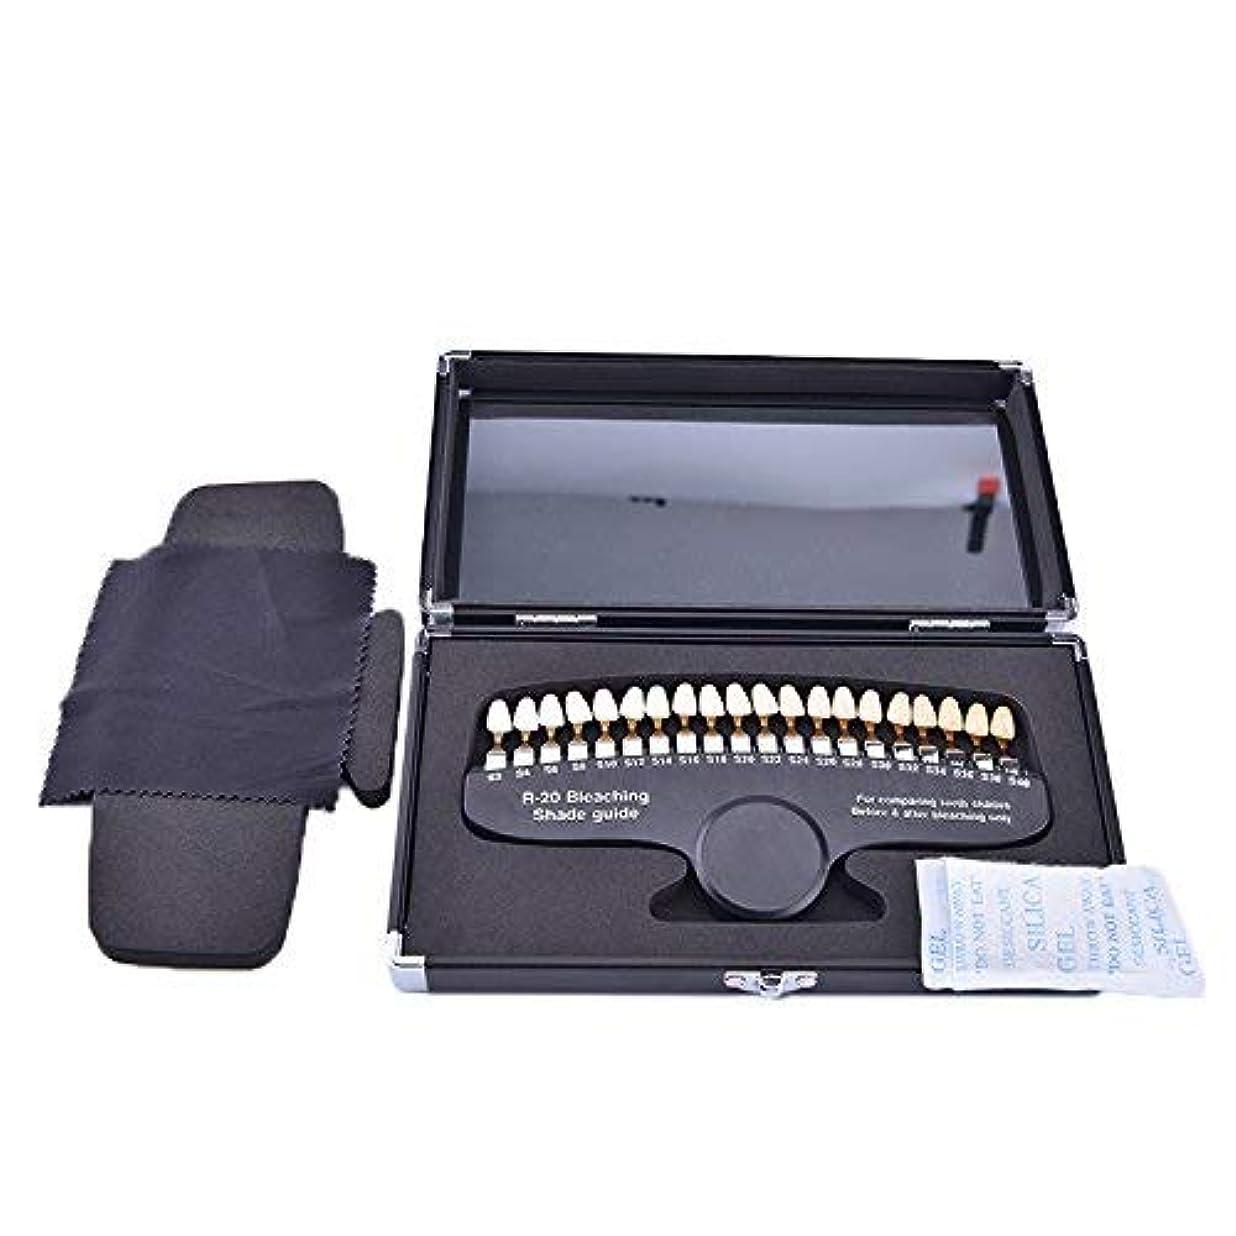 ステレオ安心覆すデンタル ホワイトニング シェード ガイドー 20色デンタル専用抜ける歯列模型ボード 鏡付き